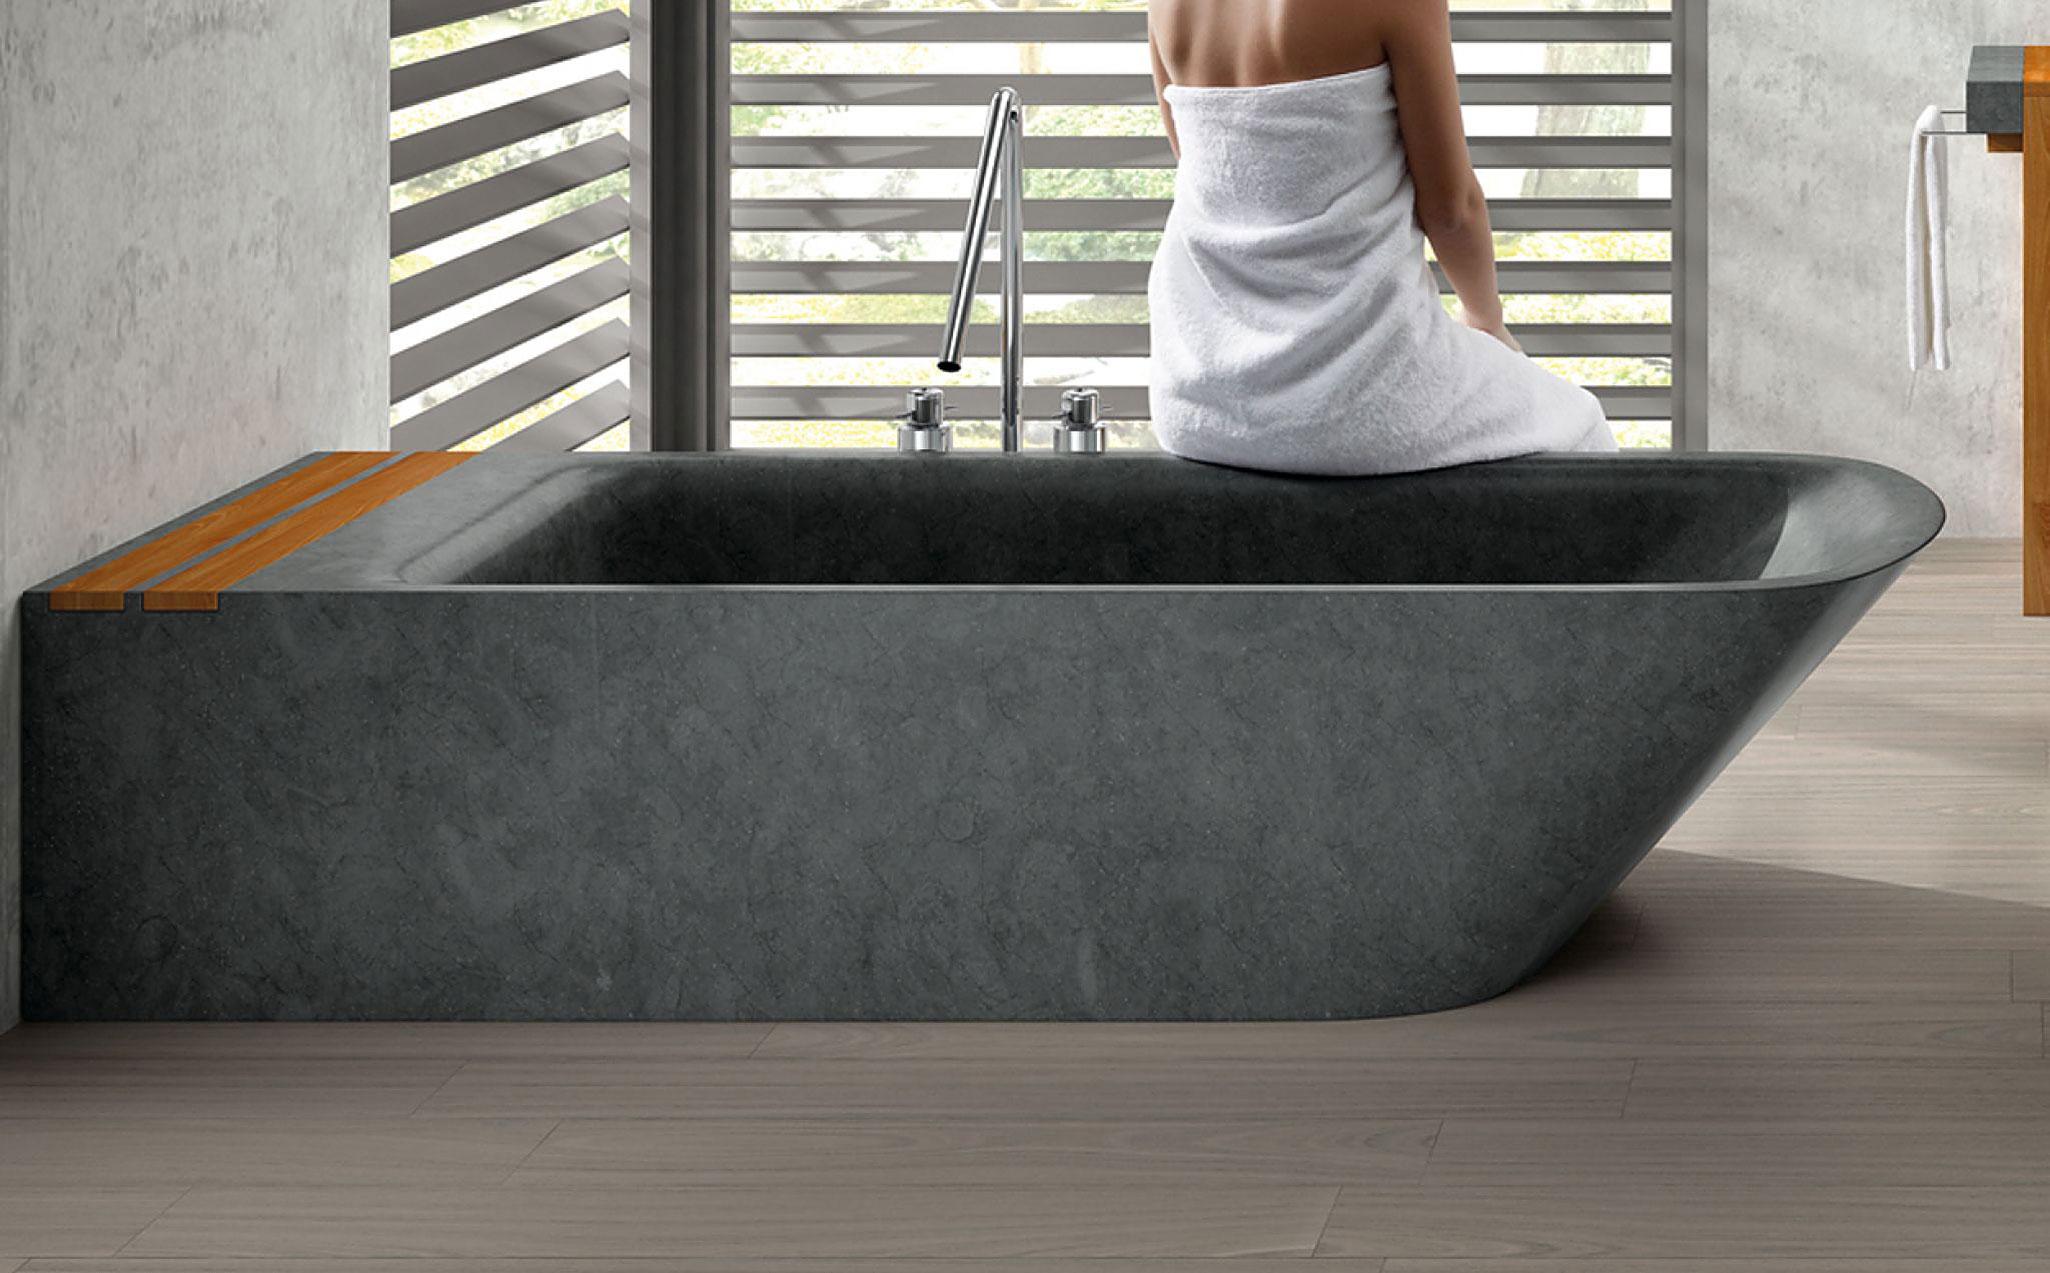 Simi Bathtub